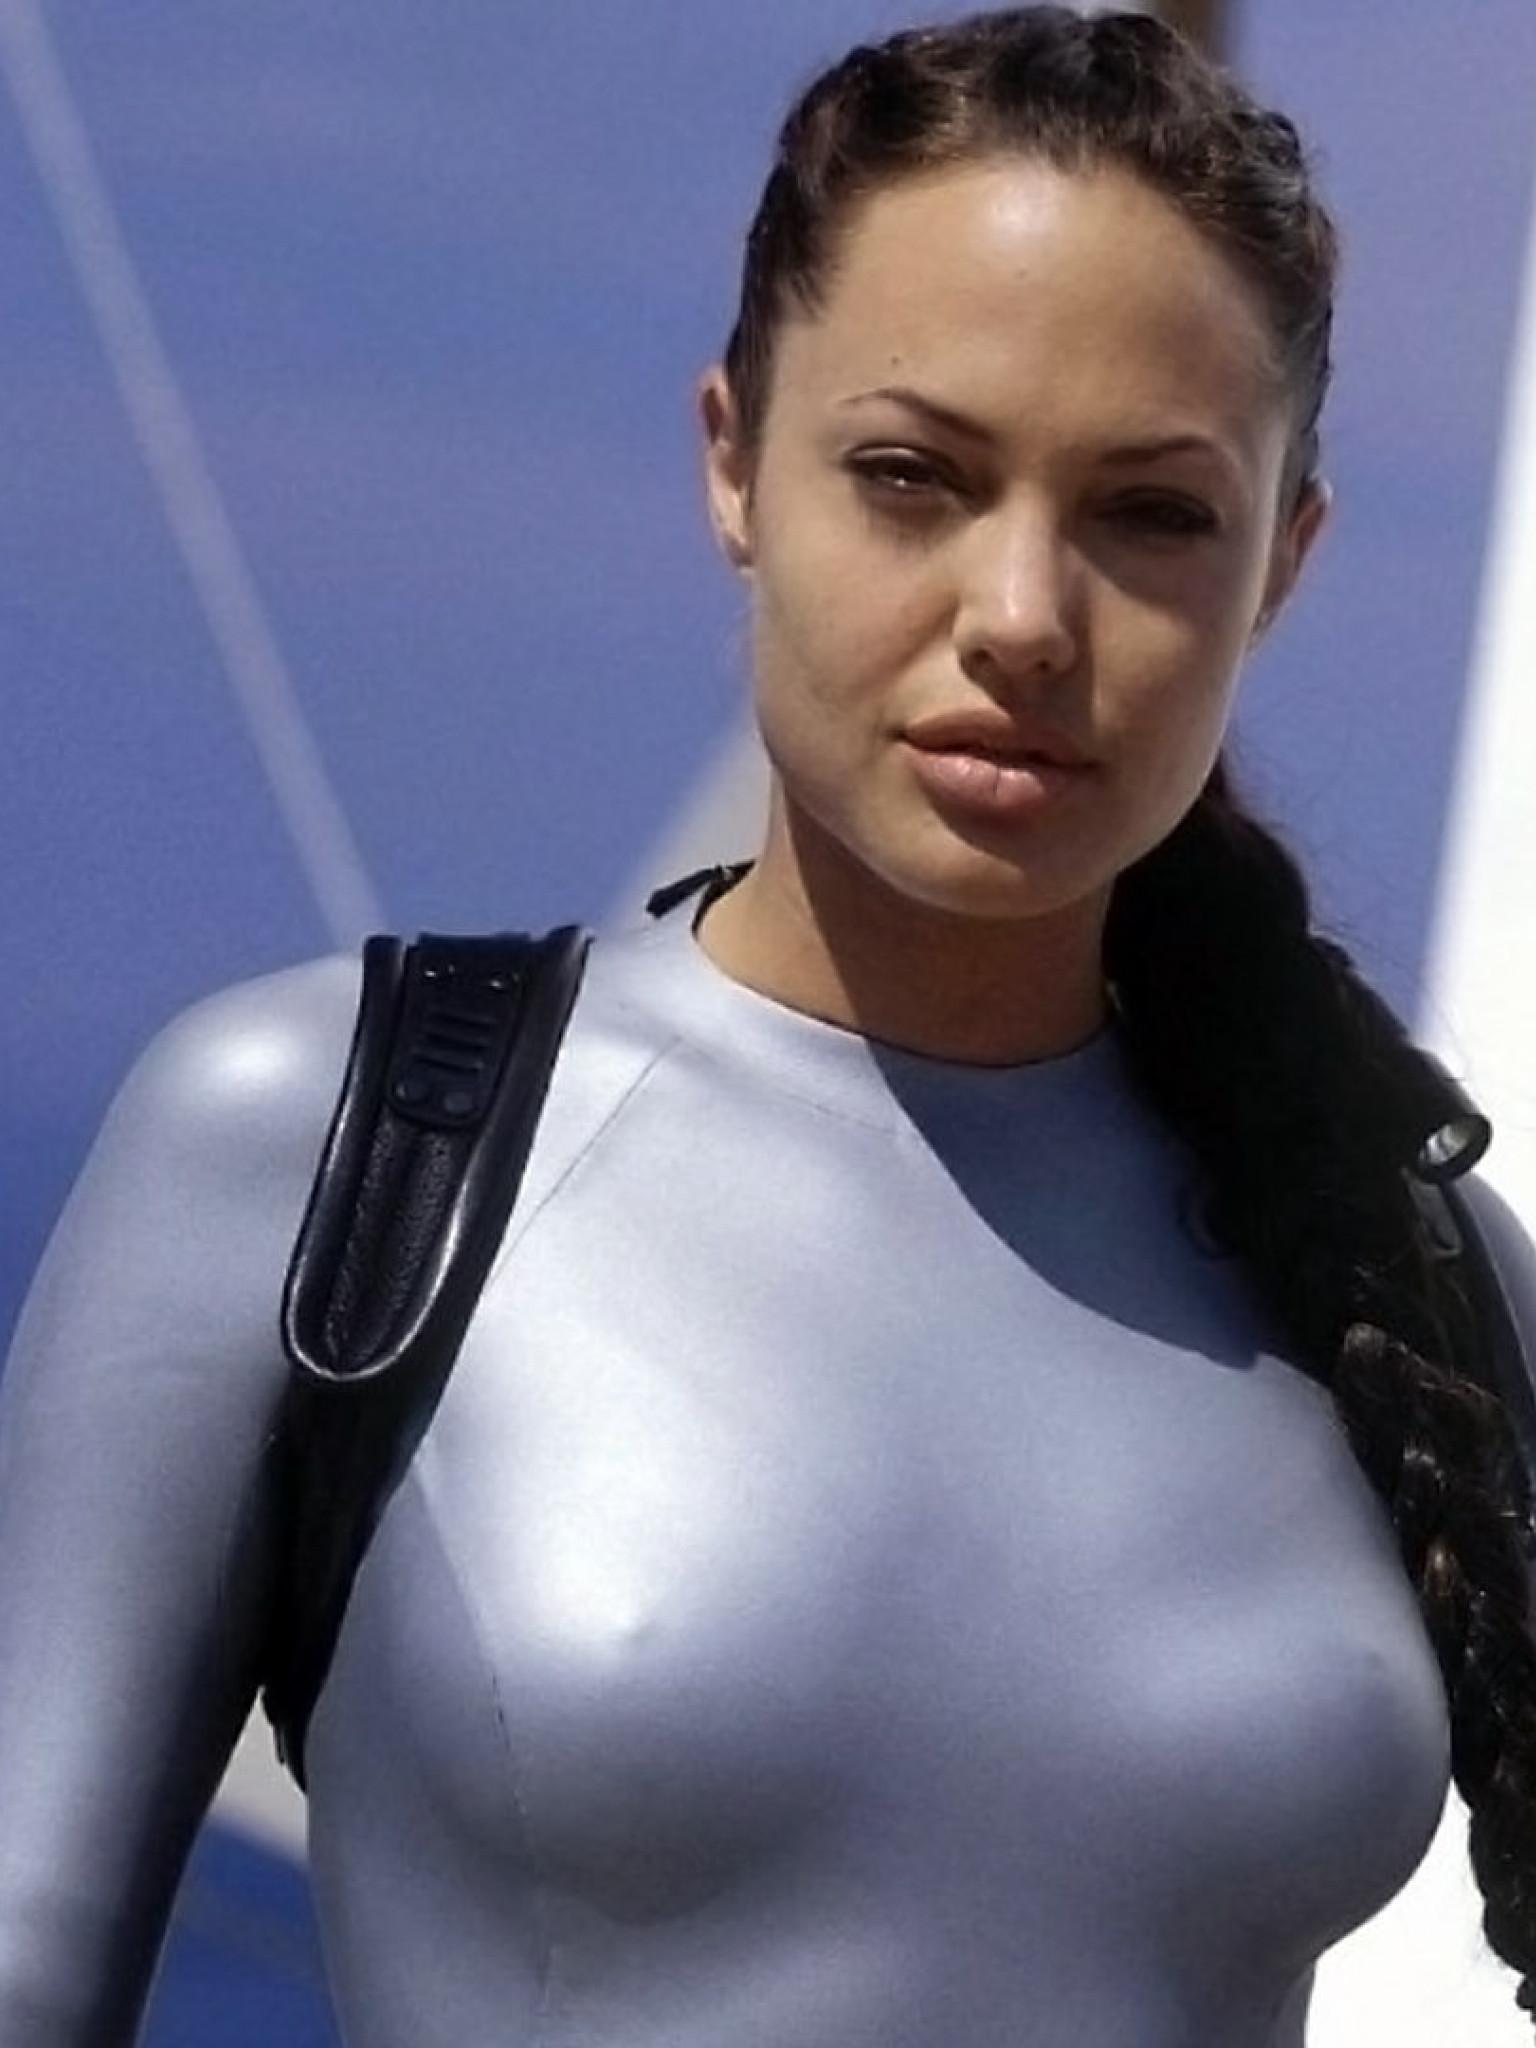 English sexymovies nude movies